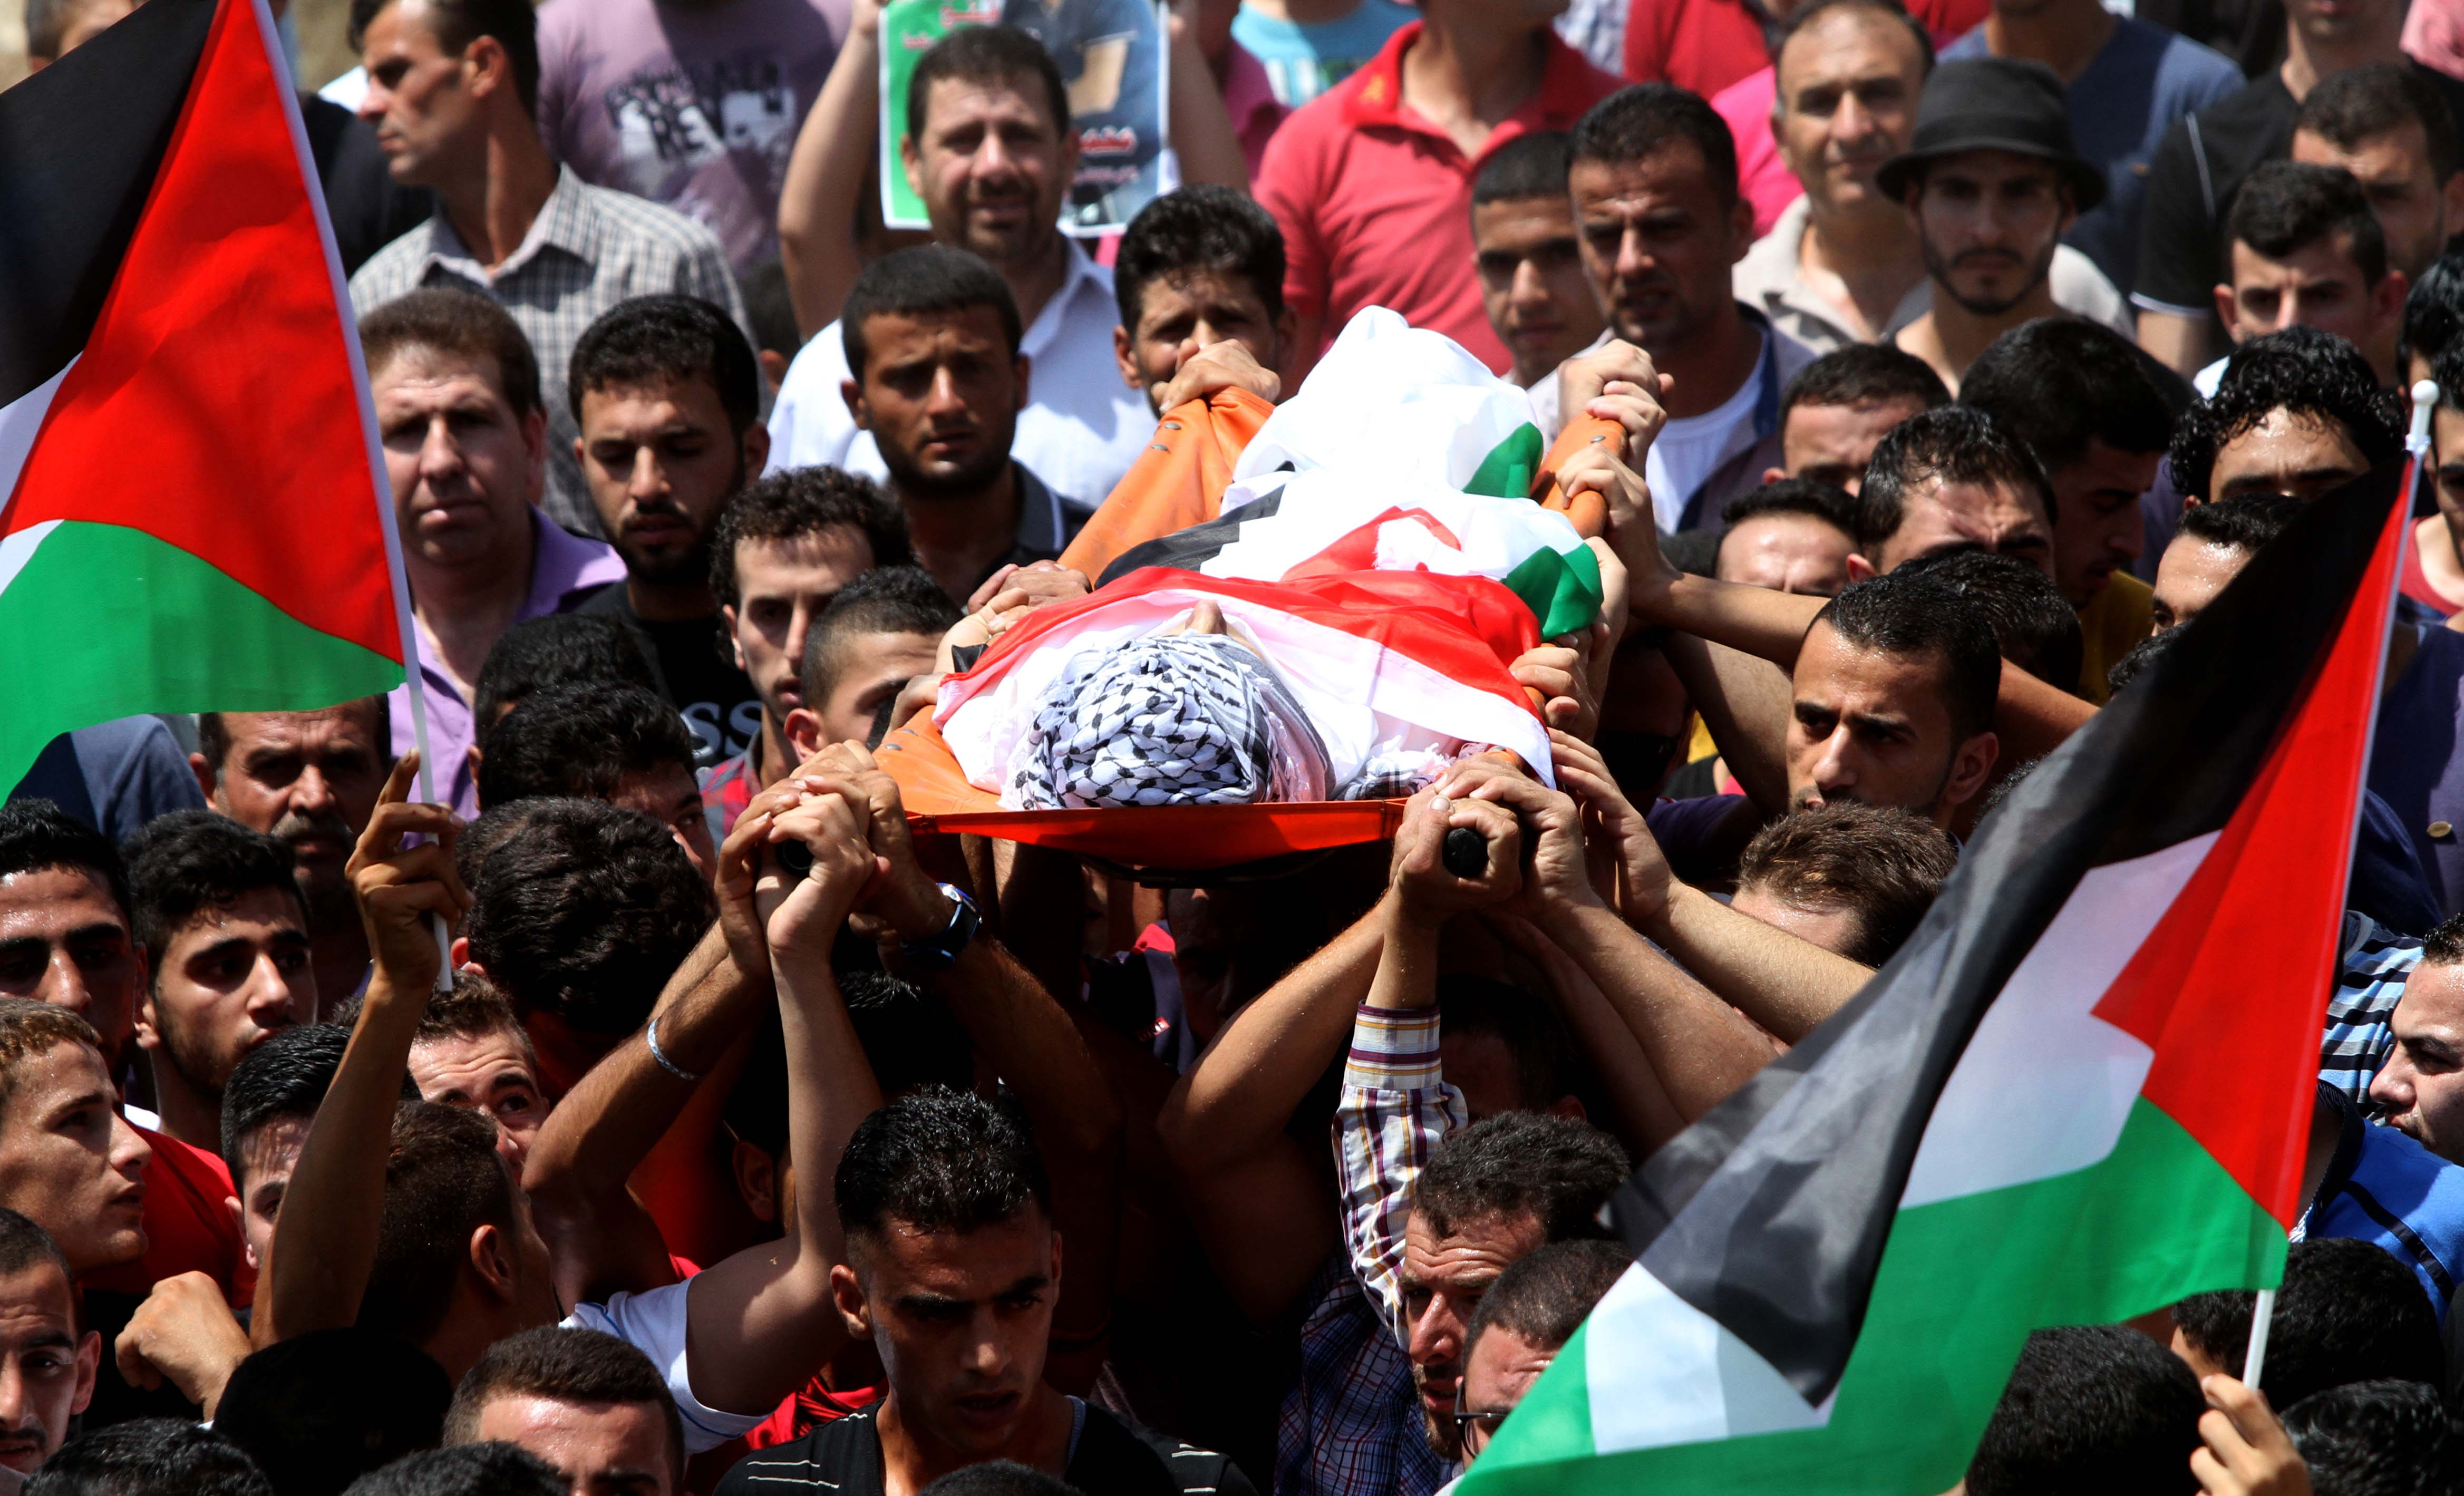 تشييع 3 شهداء فلسطينيين أحدهم طفل بقطاع غزة